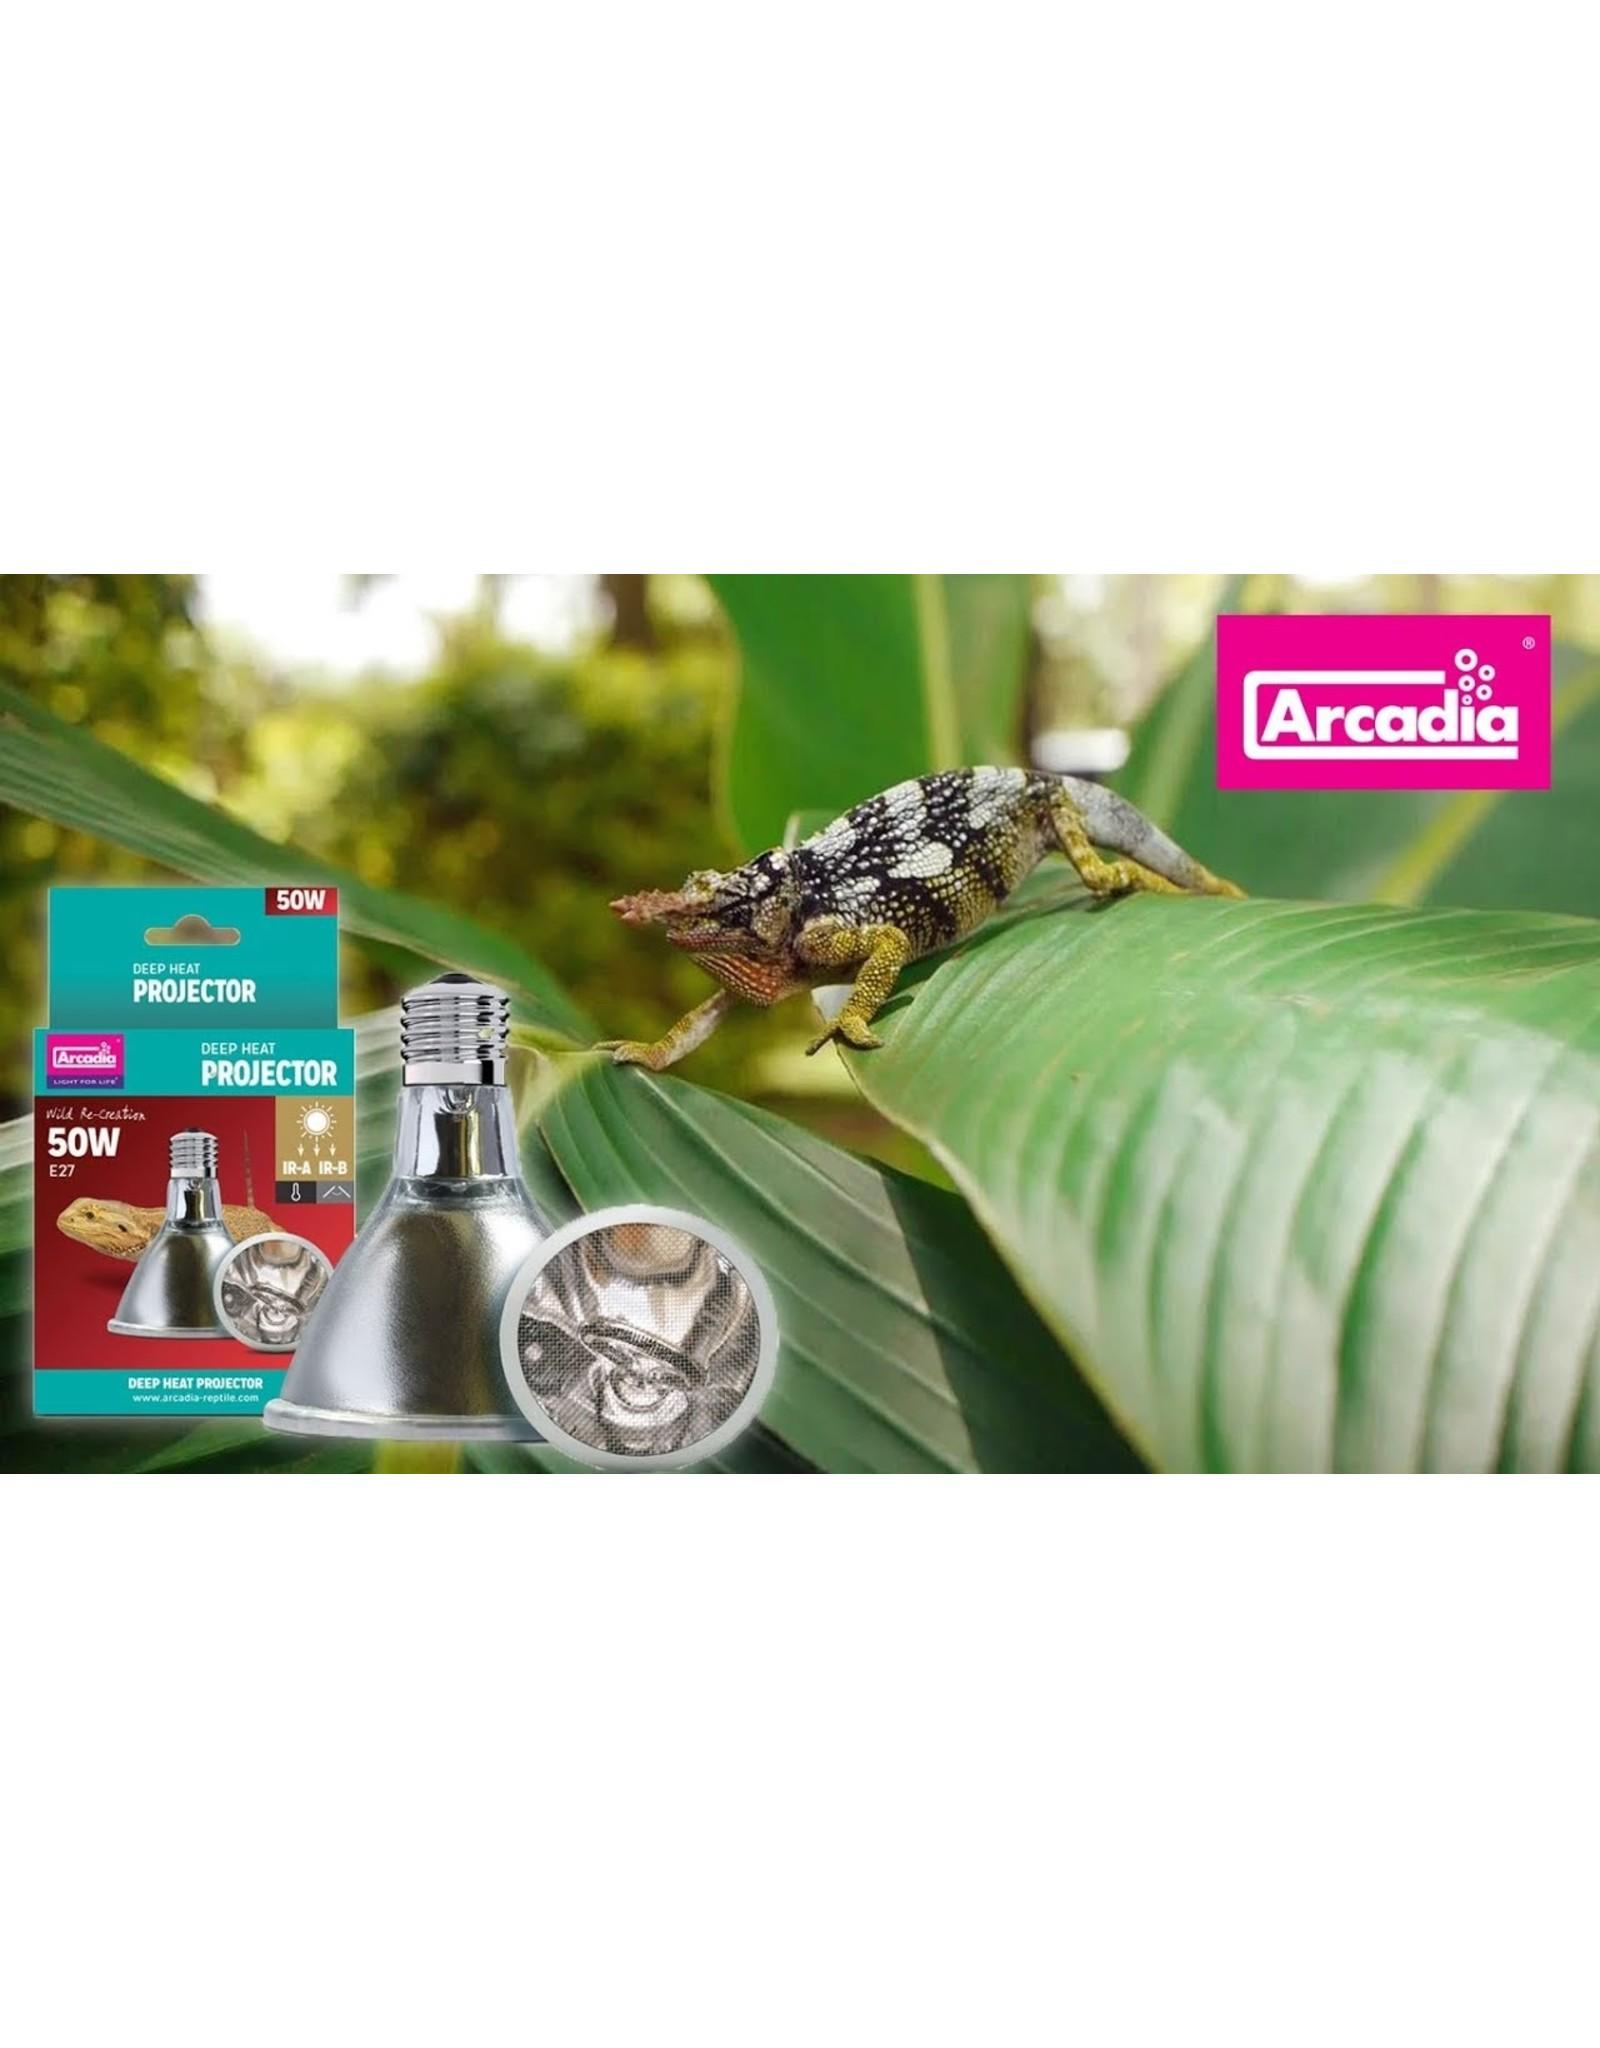 Arcadia ARCADIA Deep Heat Projector 50W